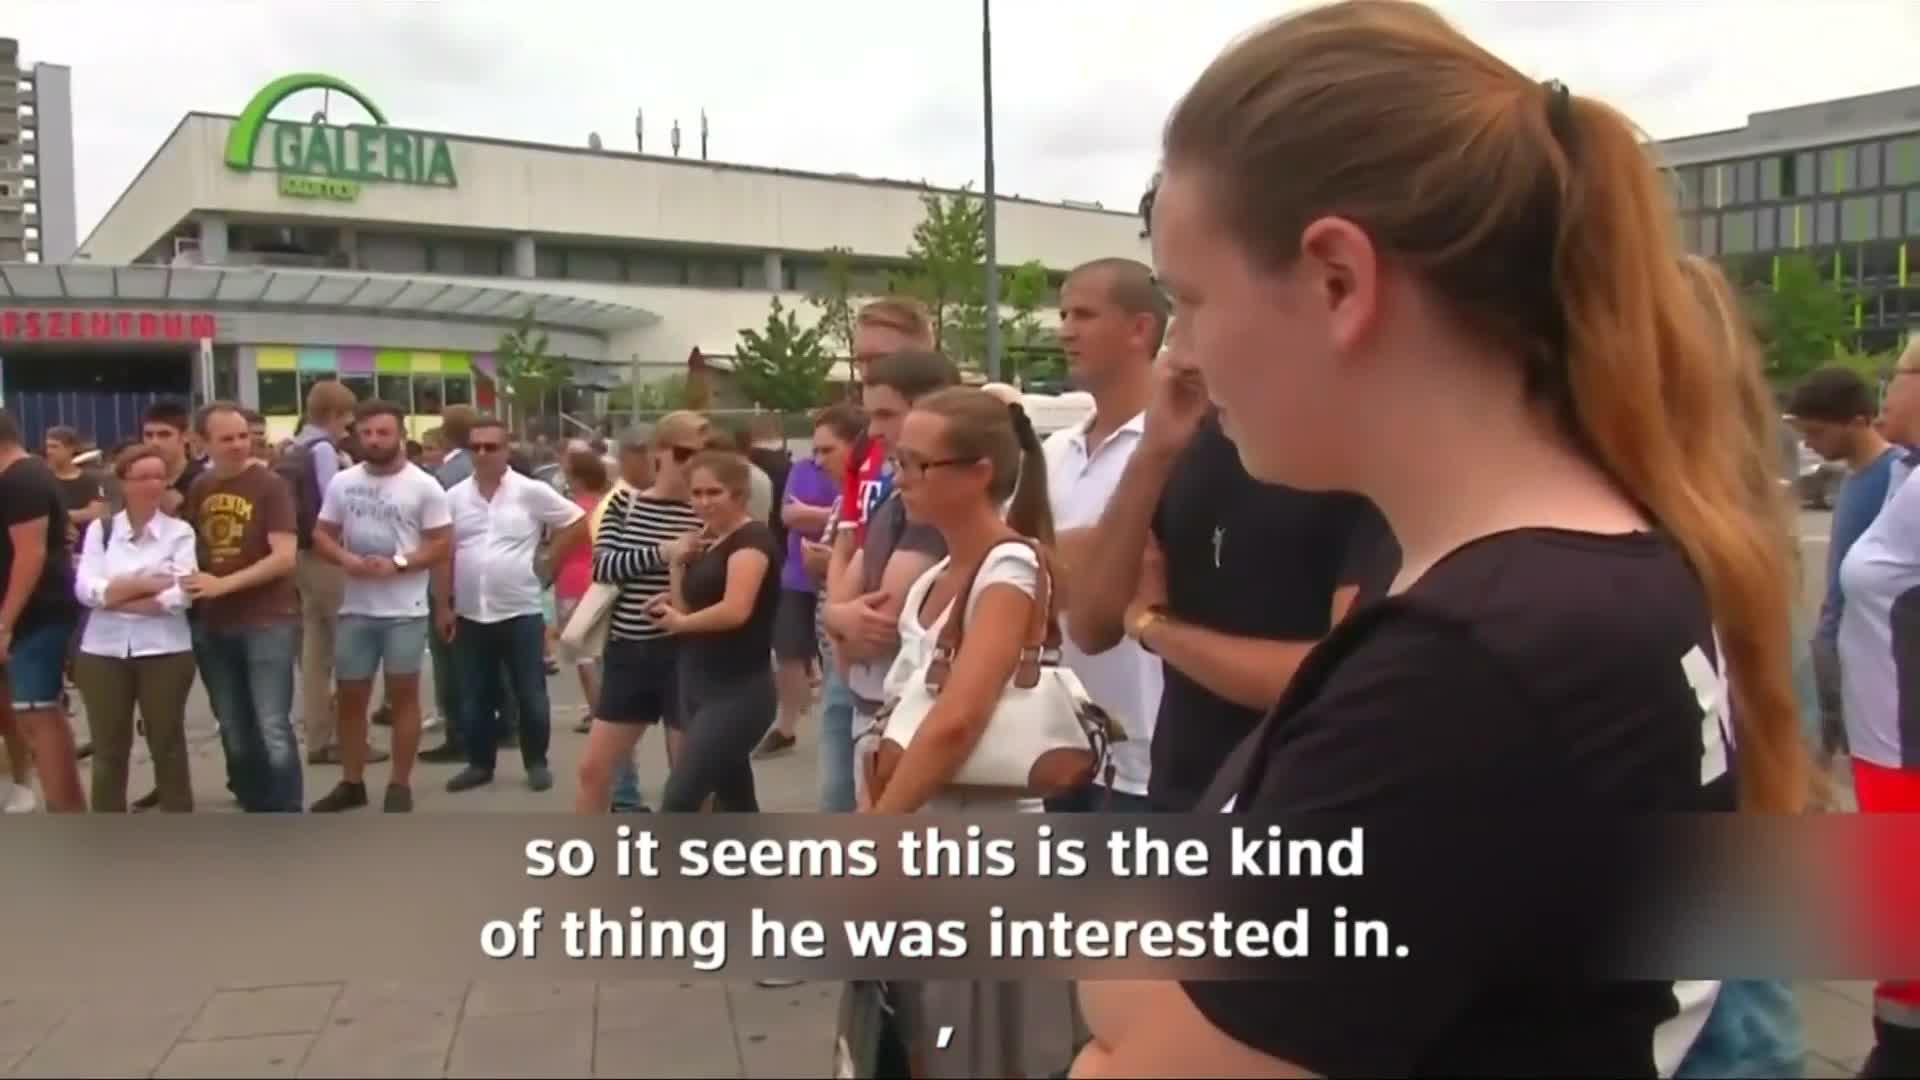 Munich gunman fixated on mass killing, had no Islamist ties